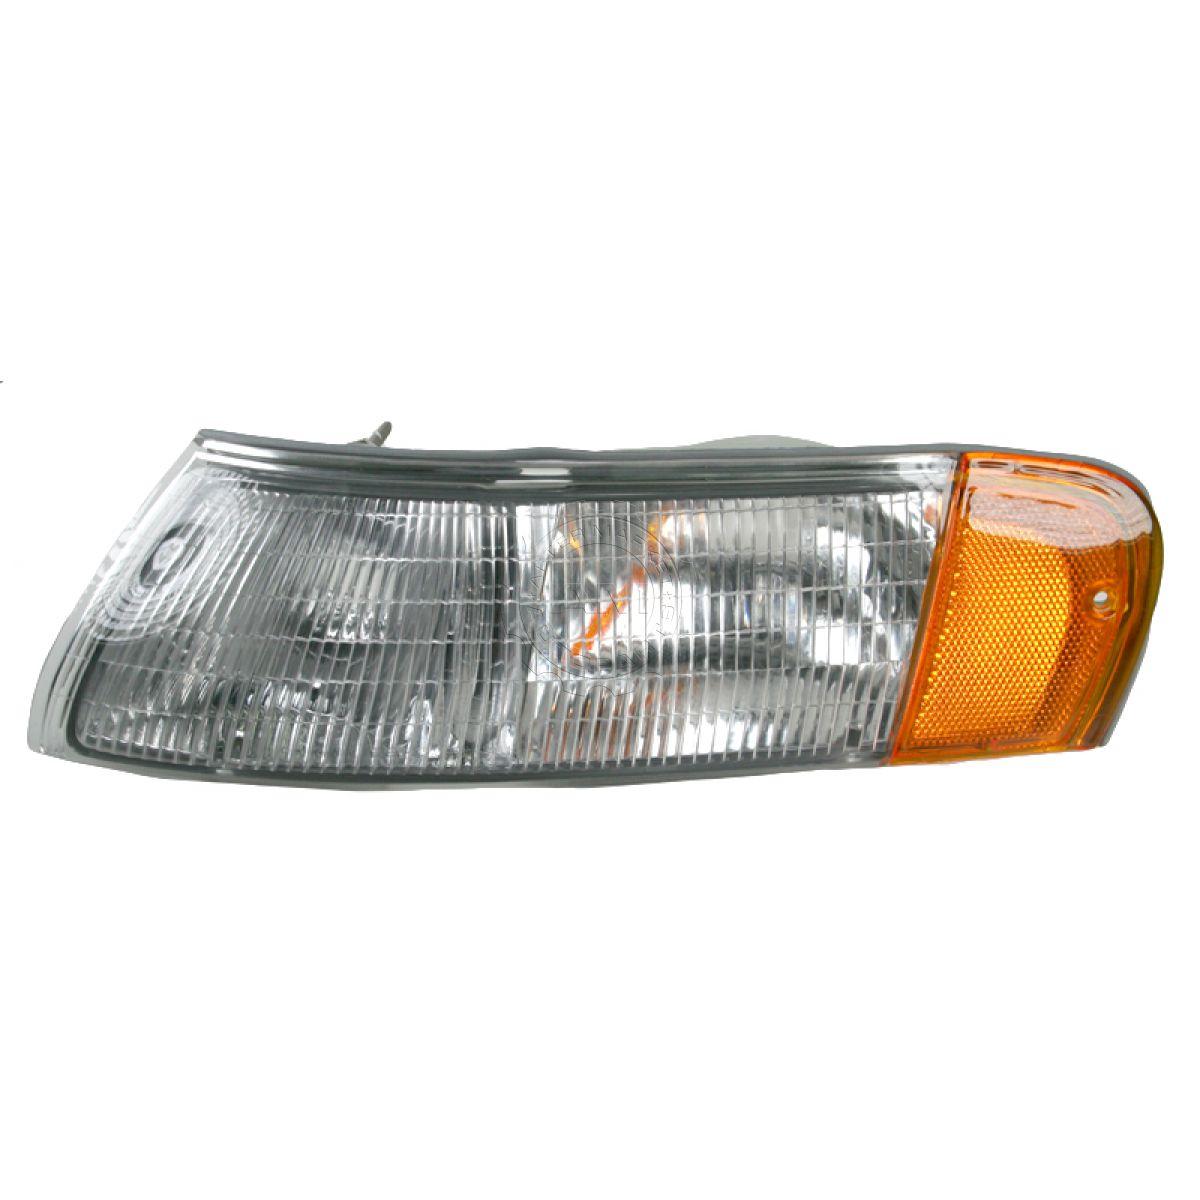 For 92-95 Toyota Truck Park Corner Light Turn Signal Marker Lamp Left Driver LH